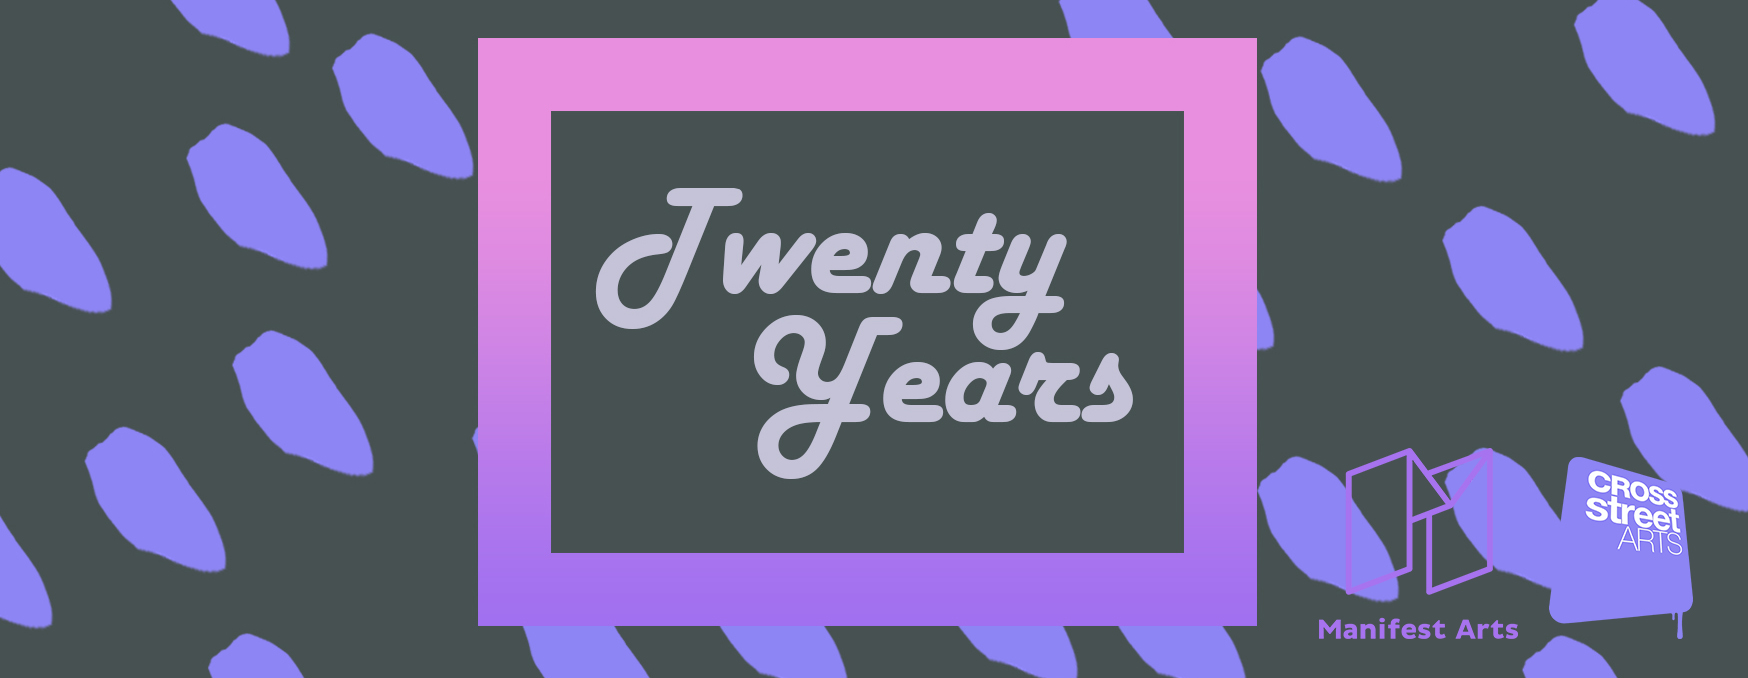 Twenty Years Exhibition